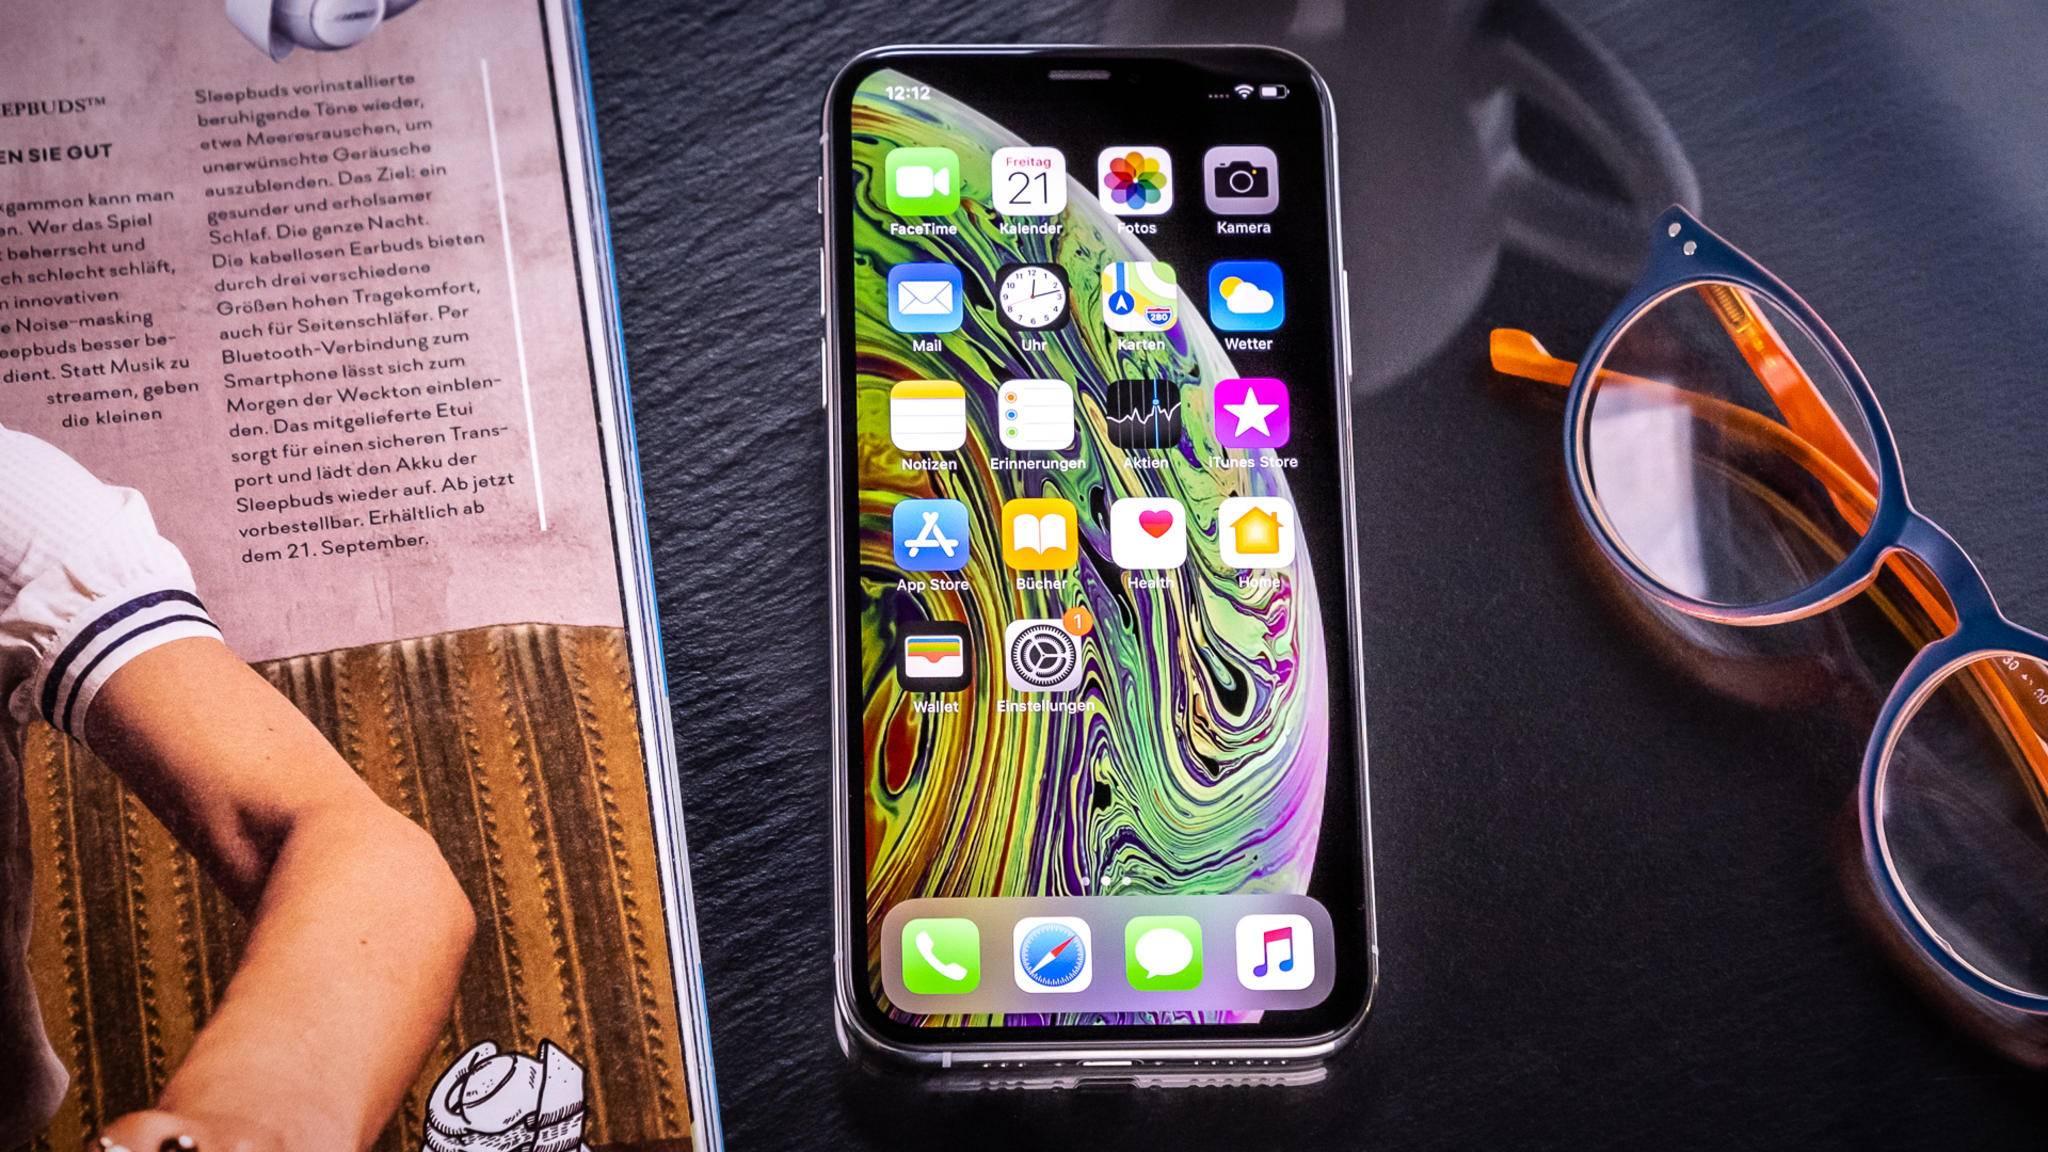 Das iPhone XS hat offenbar eine kürzere Akkulaufzeit als sein Vorgänger.